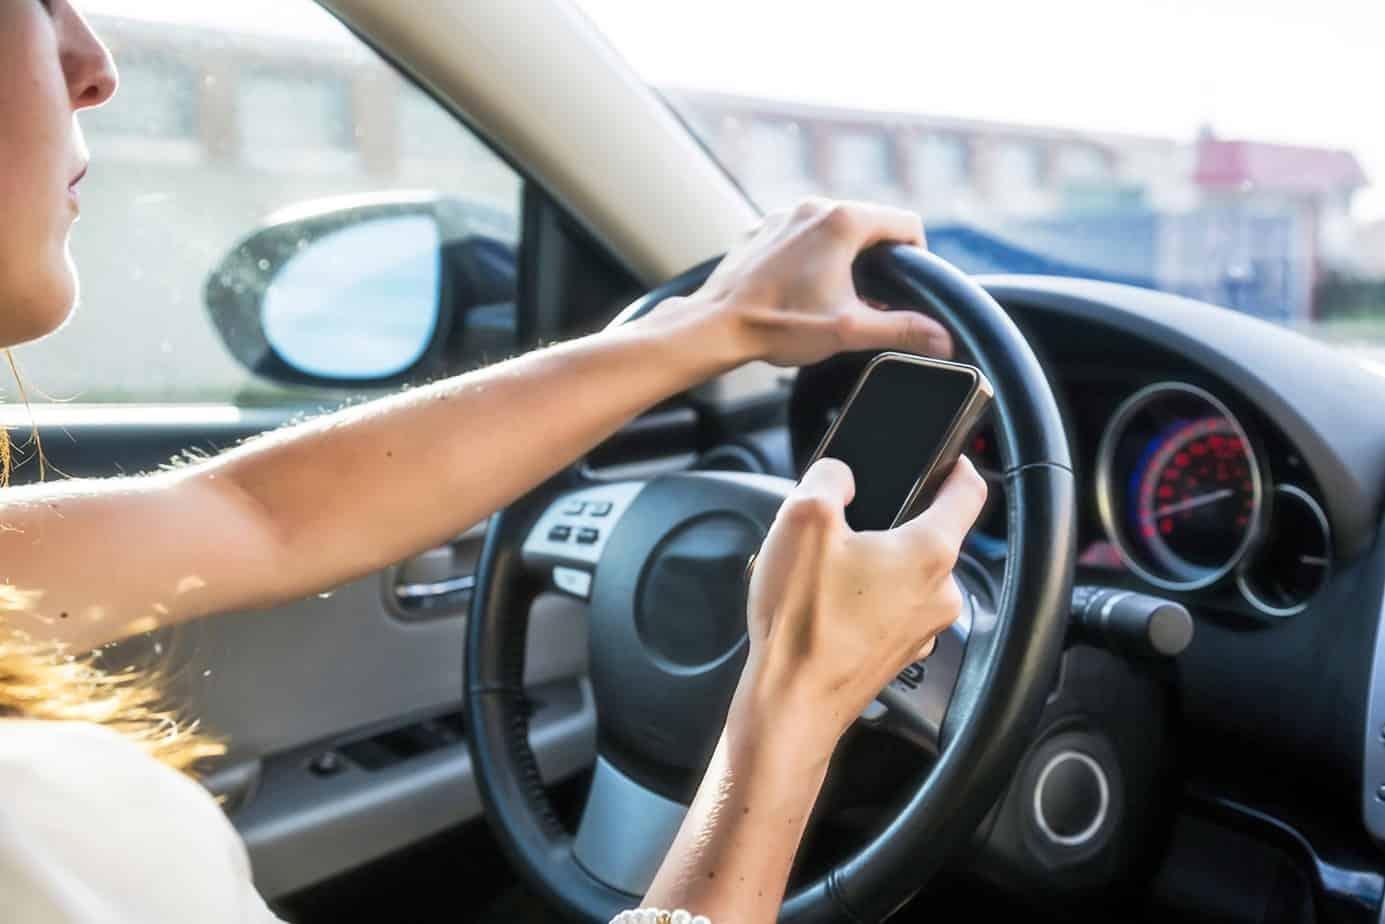 Un esempio di distrazione alla guida per effetto dell'utilizzo del telefono per parlare o scrivere messaggi (causa endogena)